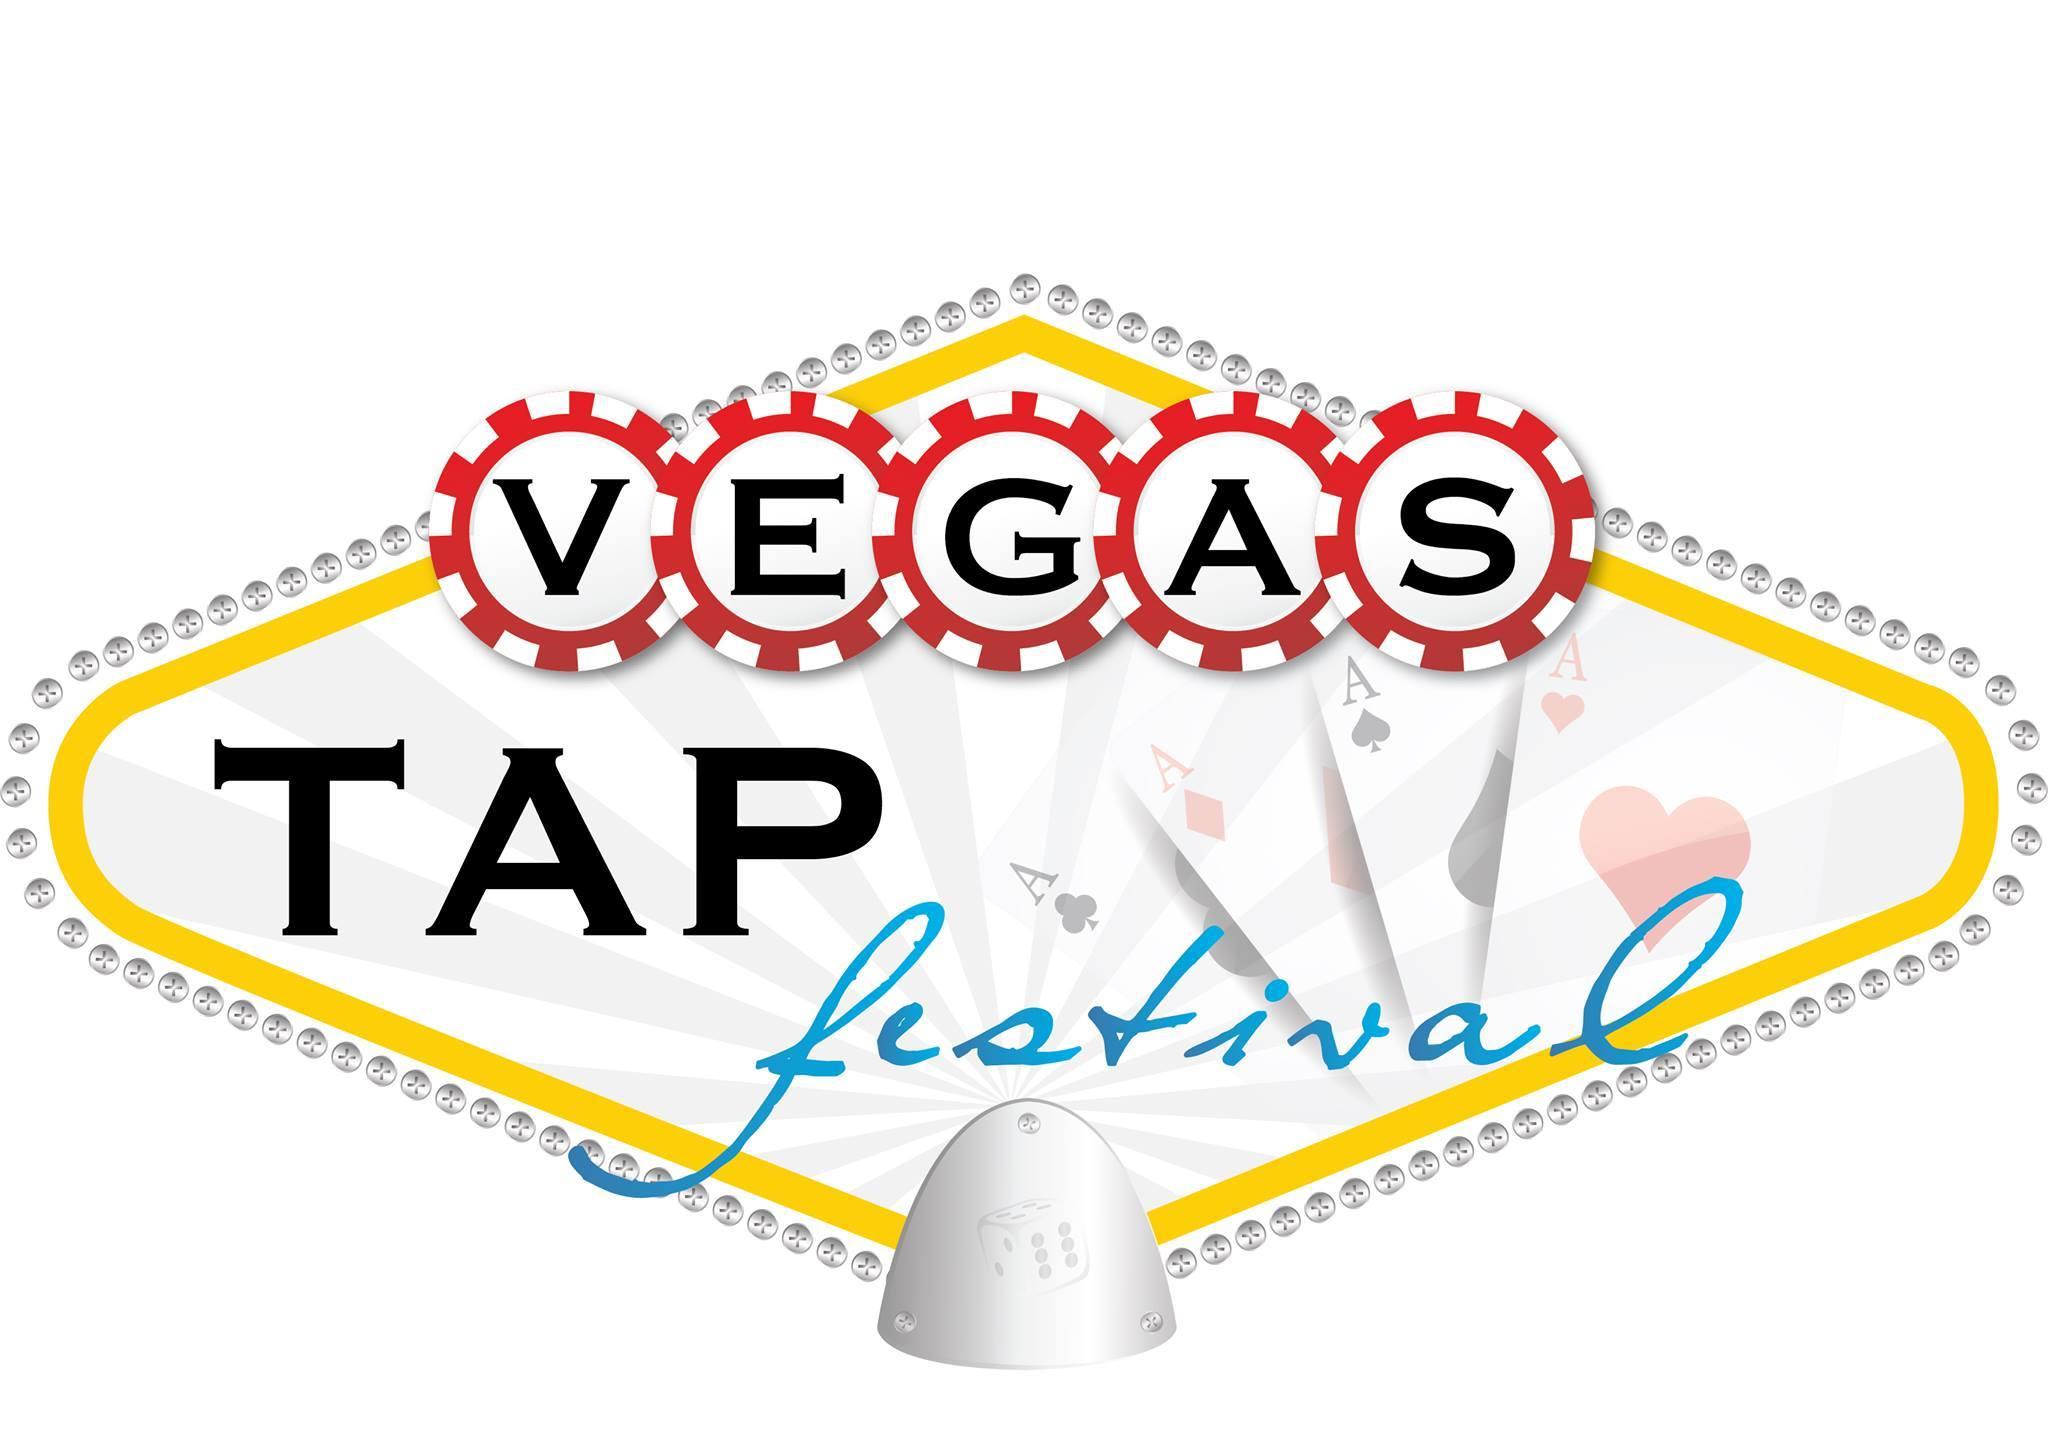 Vegas Tap Festival